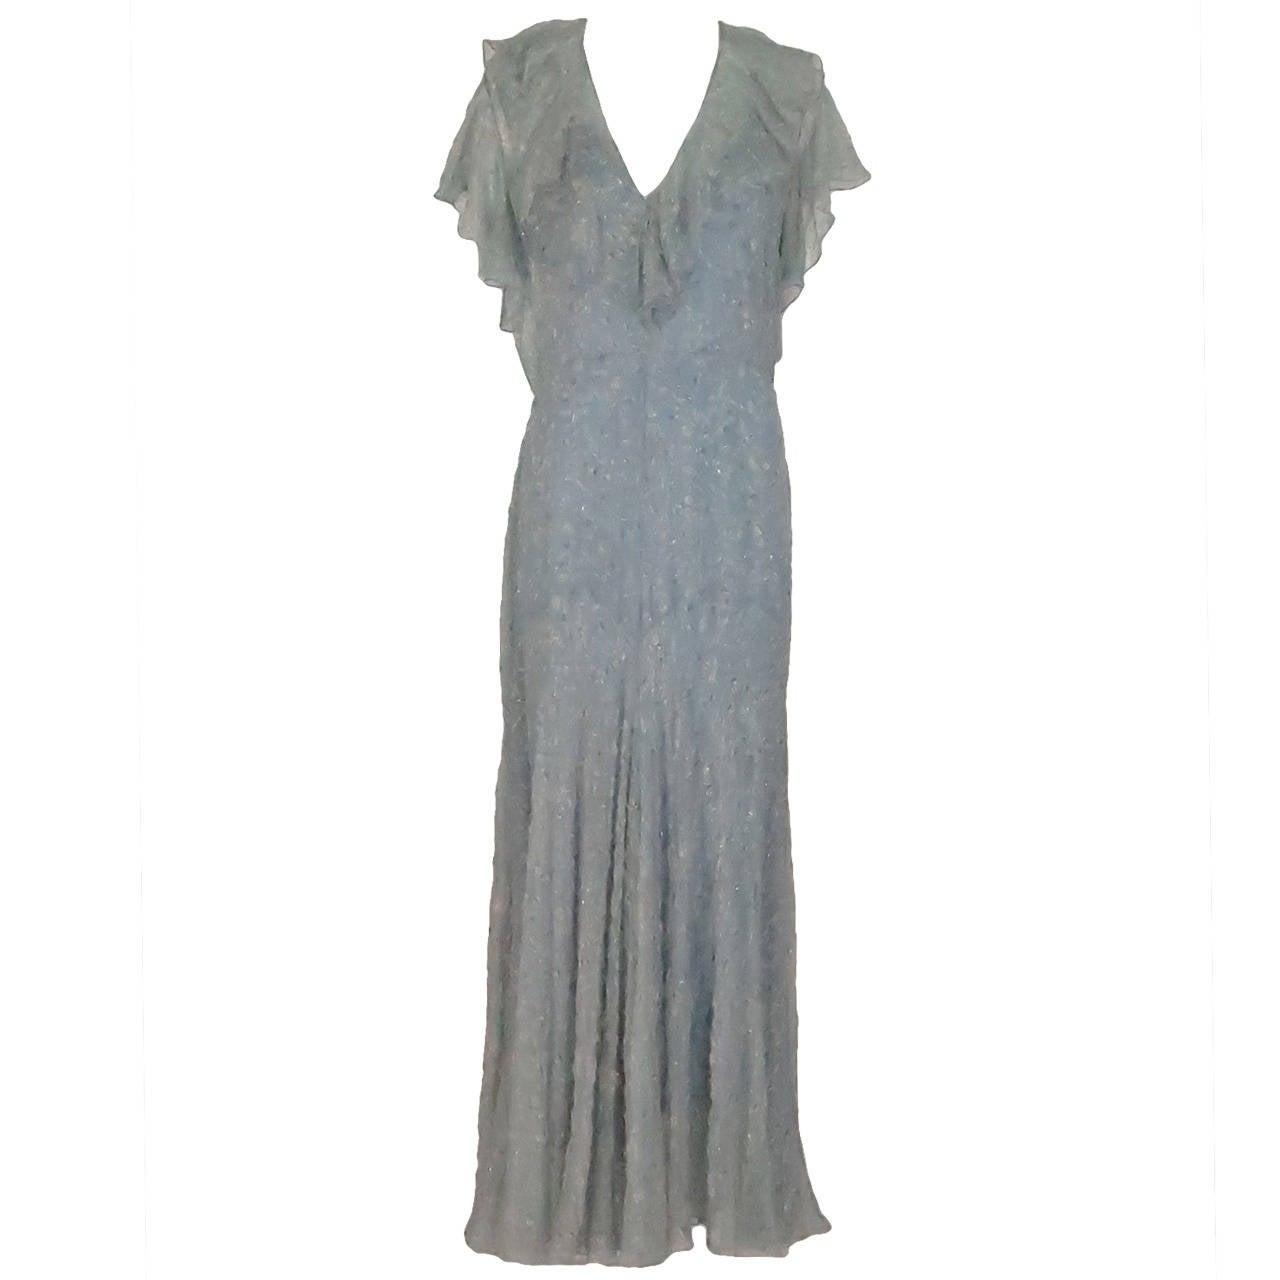 ba495b32a858 Ralph Lauren 1930s inspired bias cut beaded silk chiffon dress For Sale